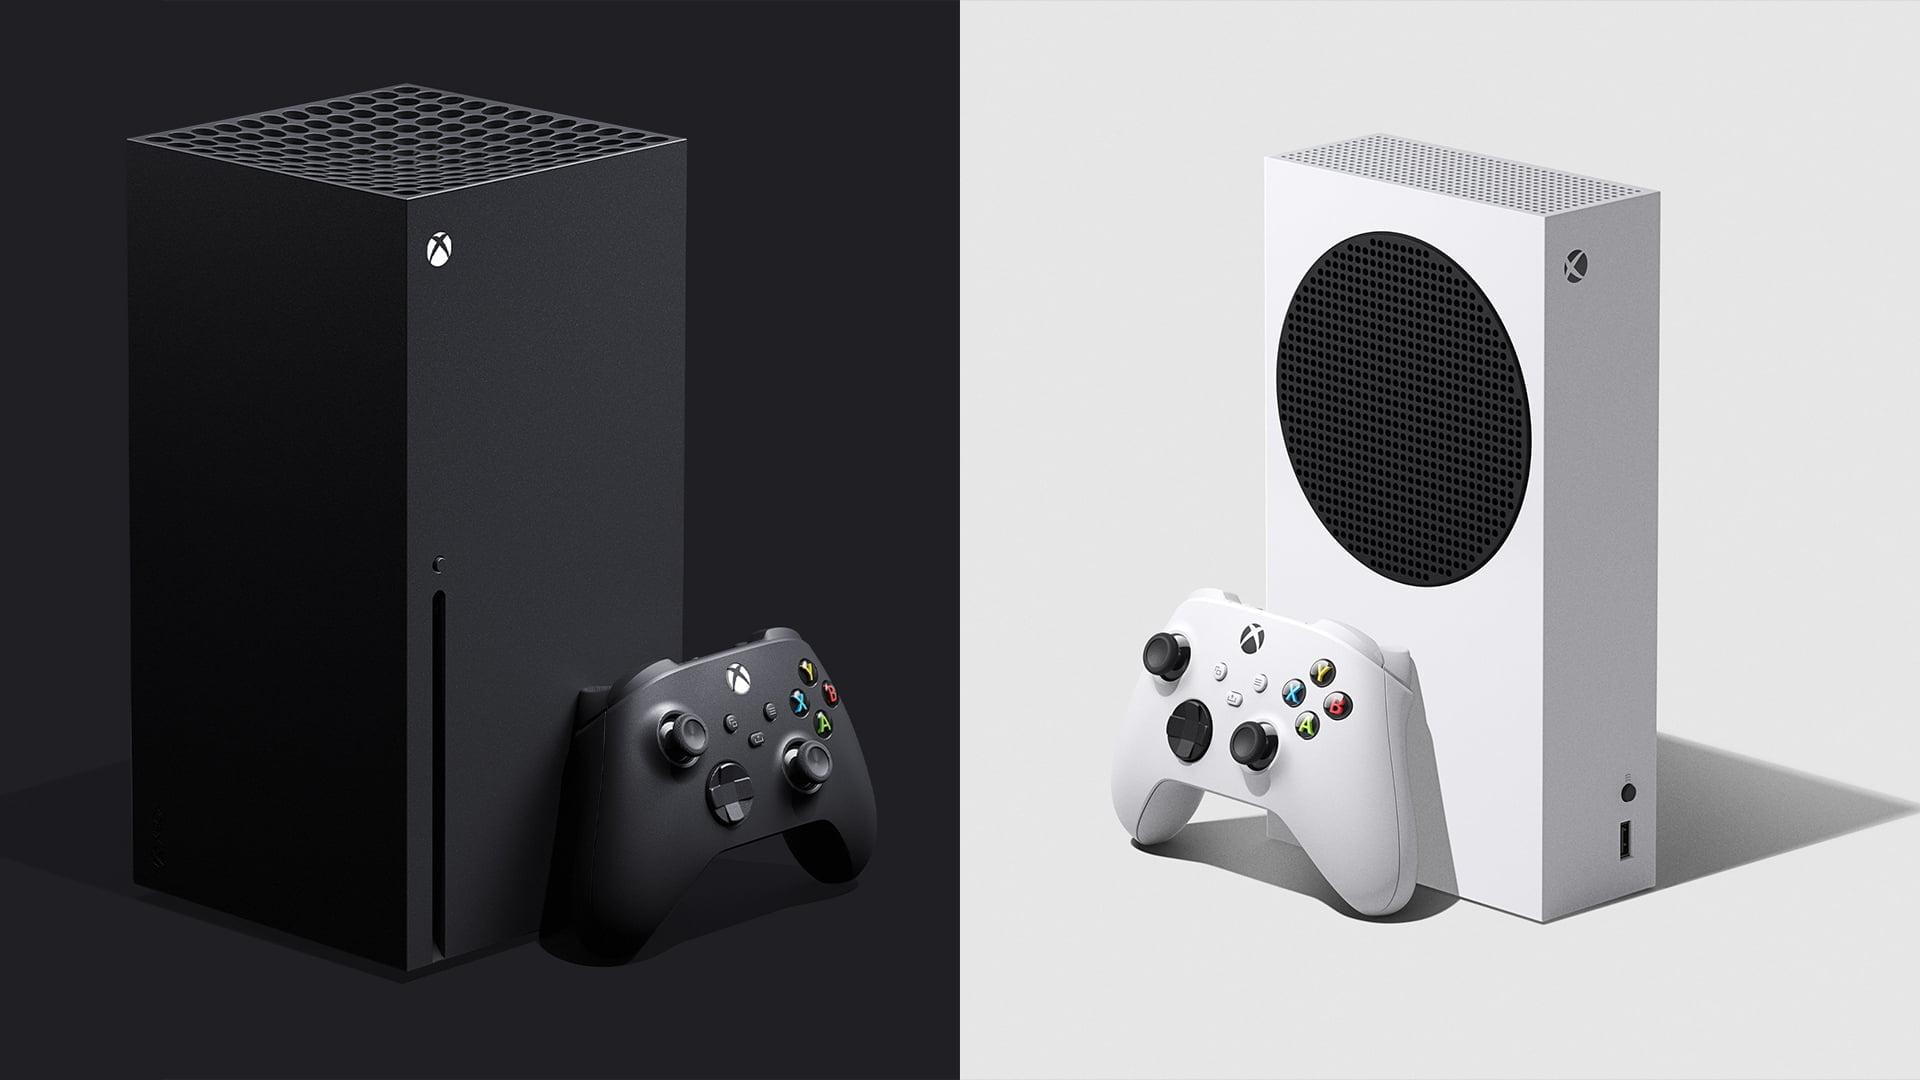 Next Gen Xbox